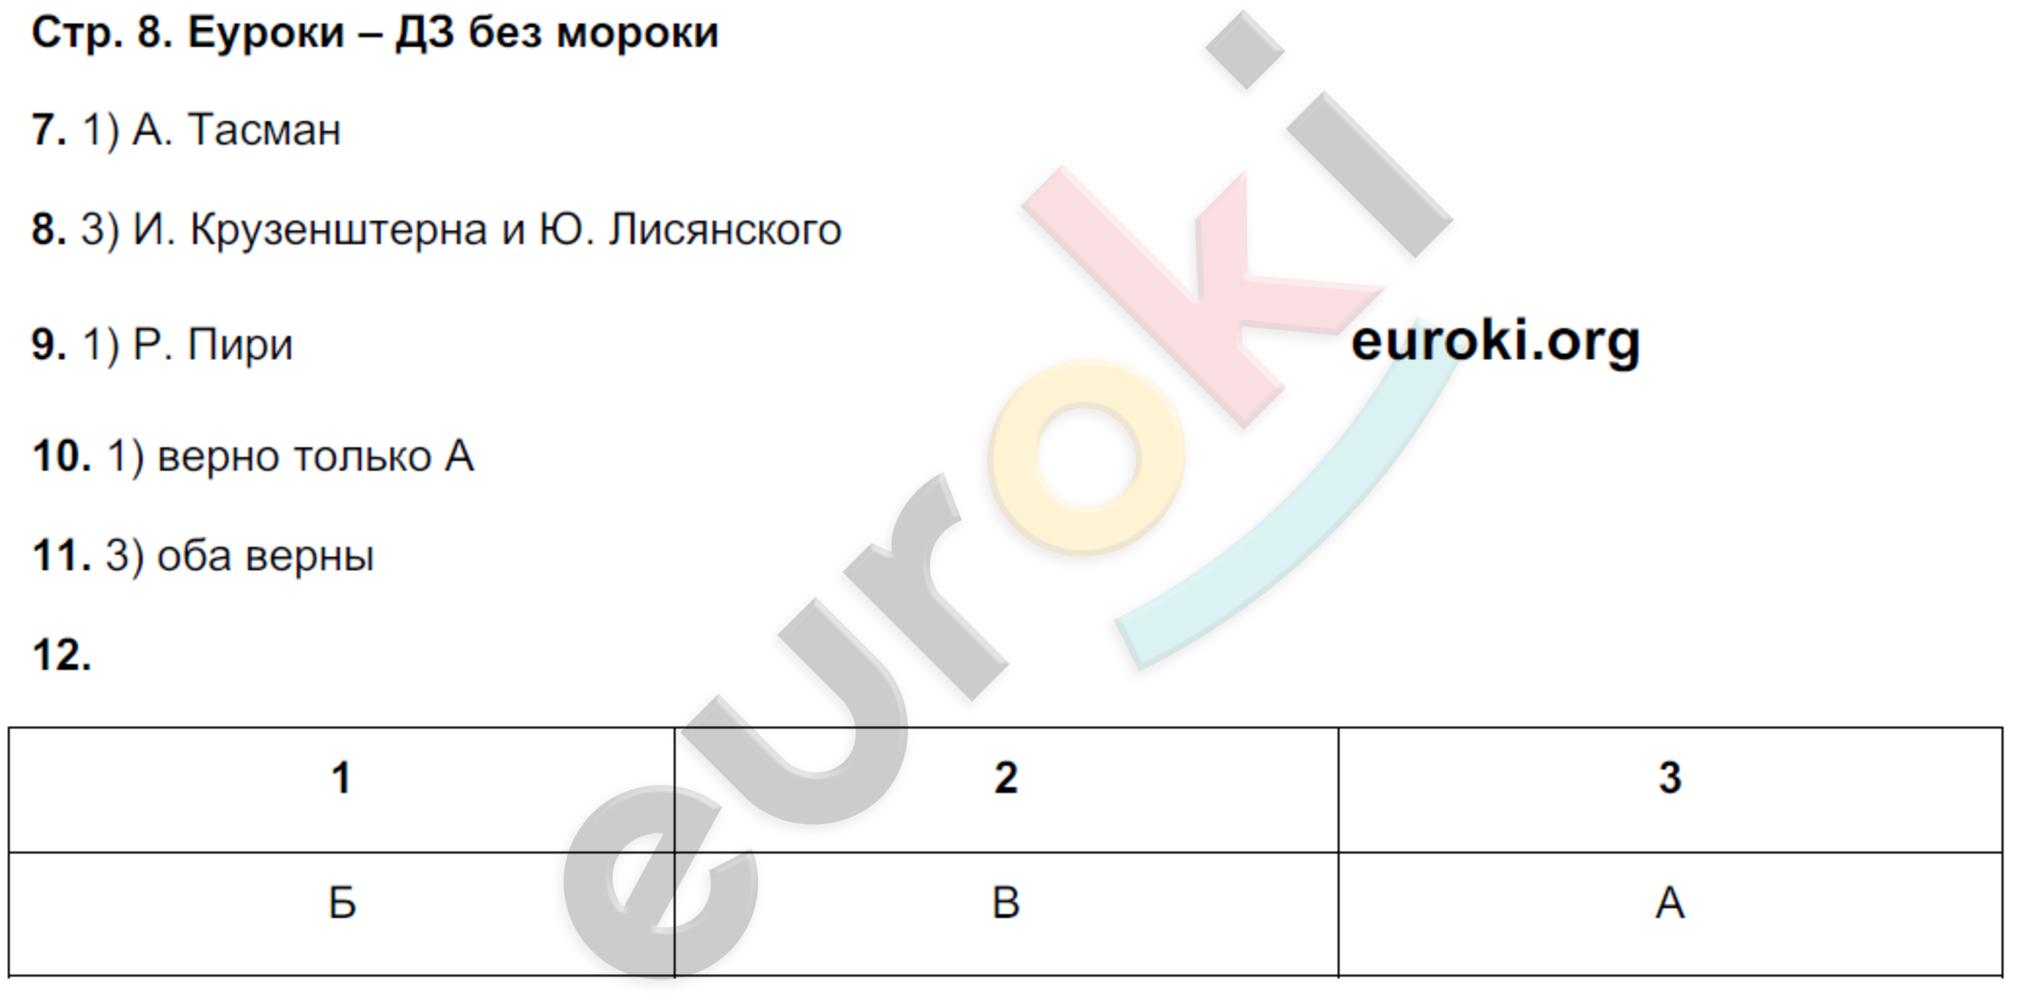 ГДЗ по географии 5 класс тетрадь экзаменатор Барабанов. Задание: стр. 8